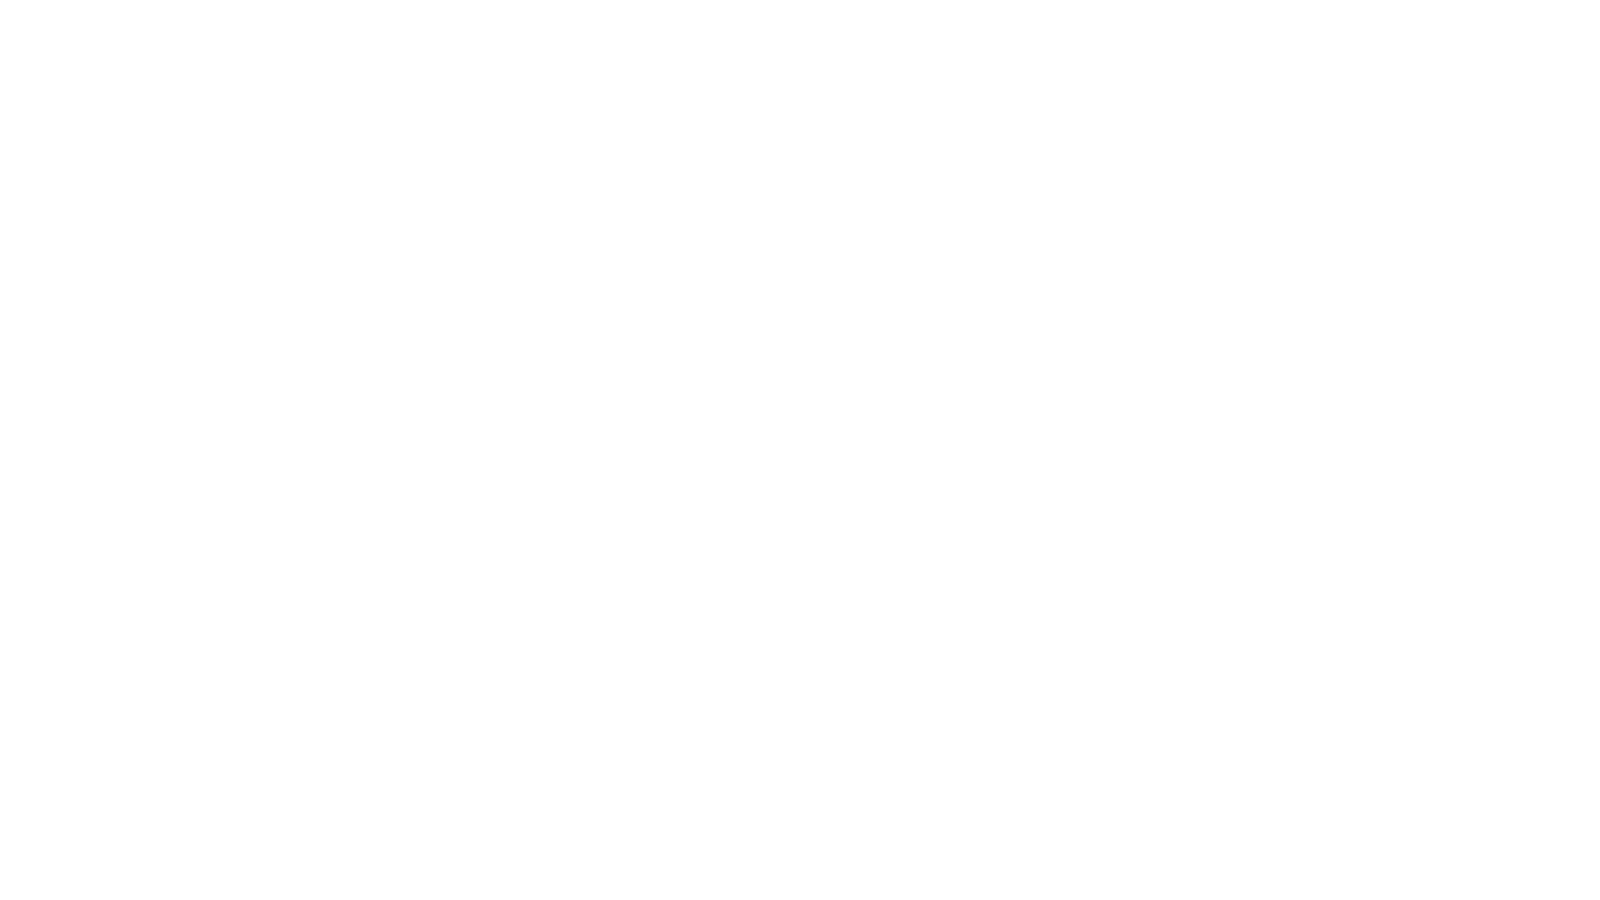 С 22 по 26 мая там проходит фестиваль парусного спорта среди людей с ограниченными возможностями. Впервые Всероссийское общество инвалидов проводит его в Тюмени.  Статья на сайте https://sport-portal72.ru/podnyat-parusa/ Фотоотчет на сайте https://sport-portal72.ru/fotootchyot-festival-parusnogo-sporta-dlya-lyudej-s-ogranichennymi-vozmozhnostyami-na-ozere-andreevskoe/